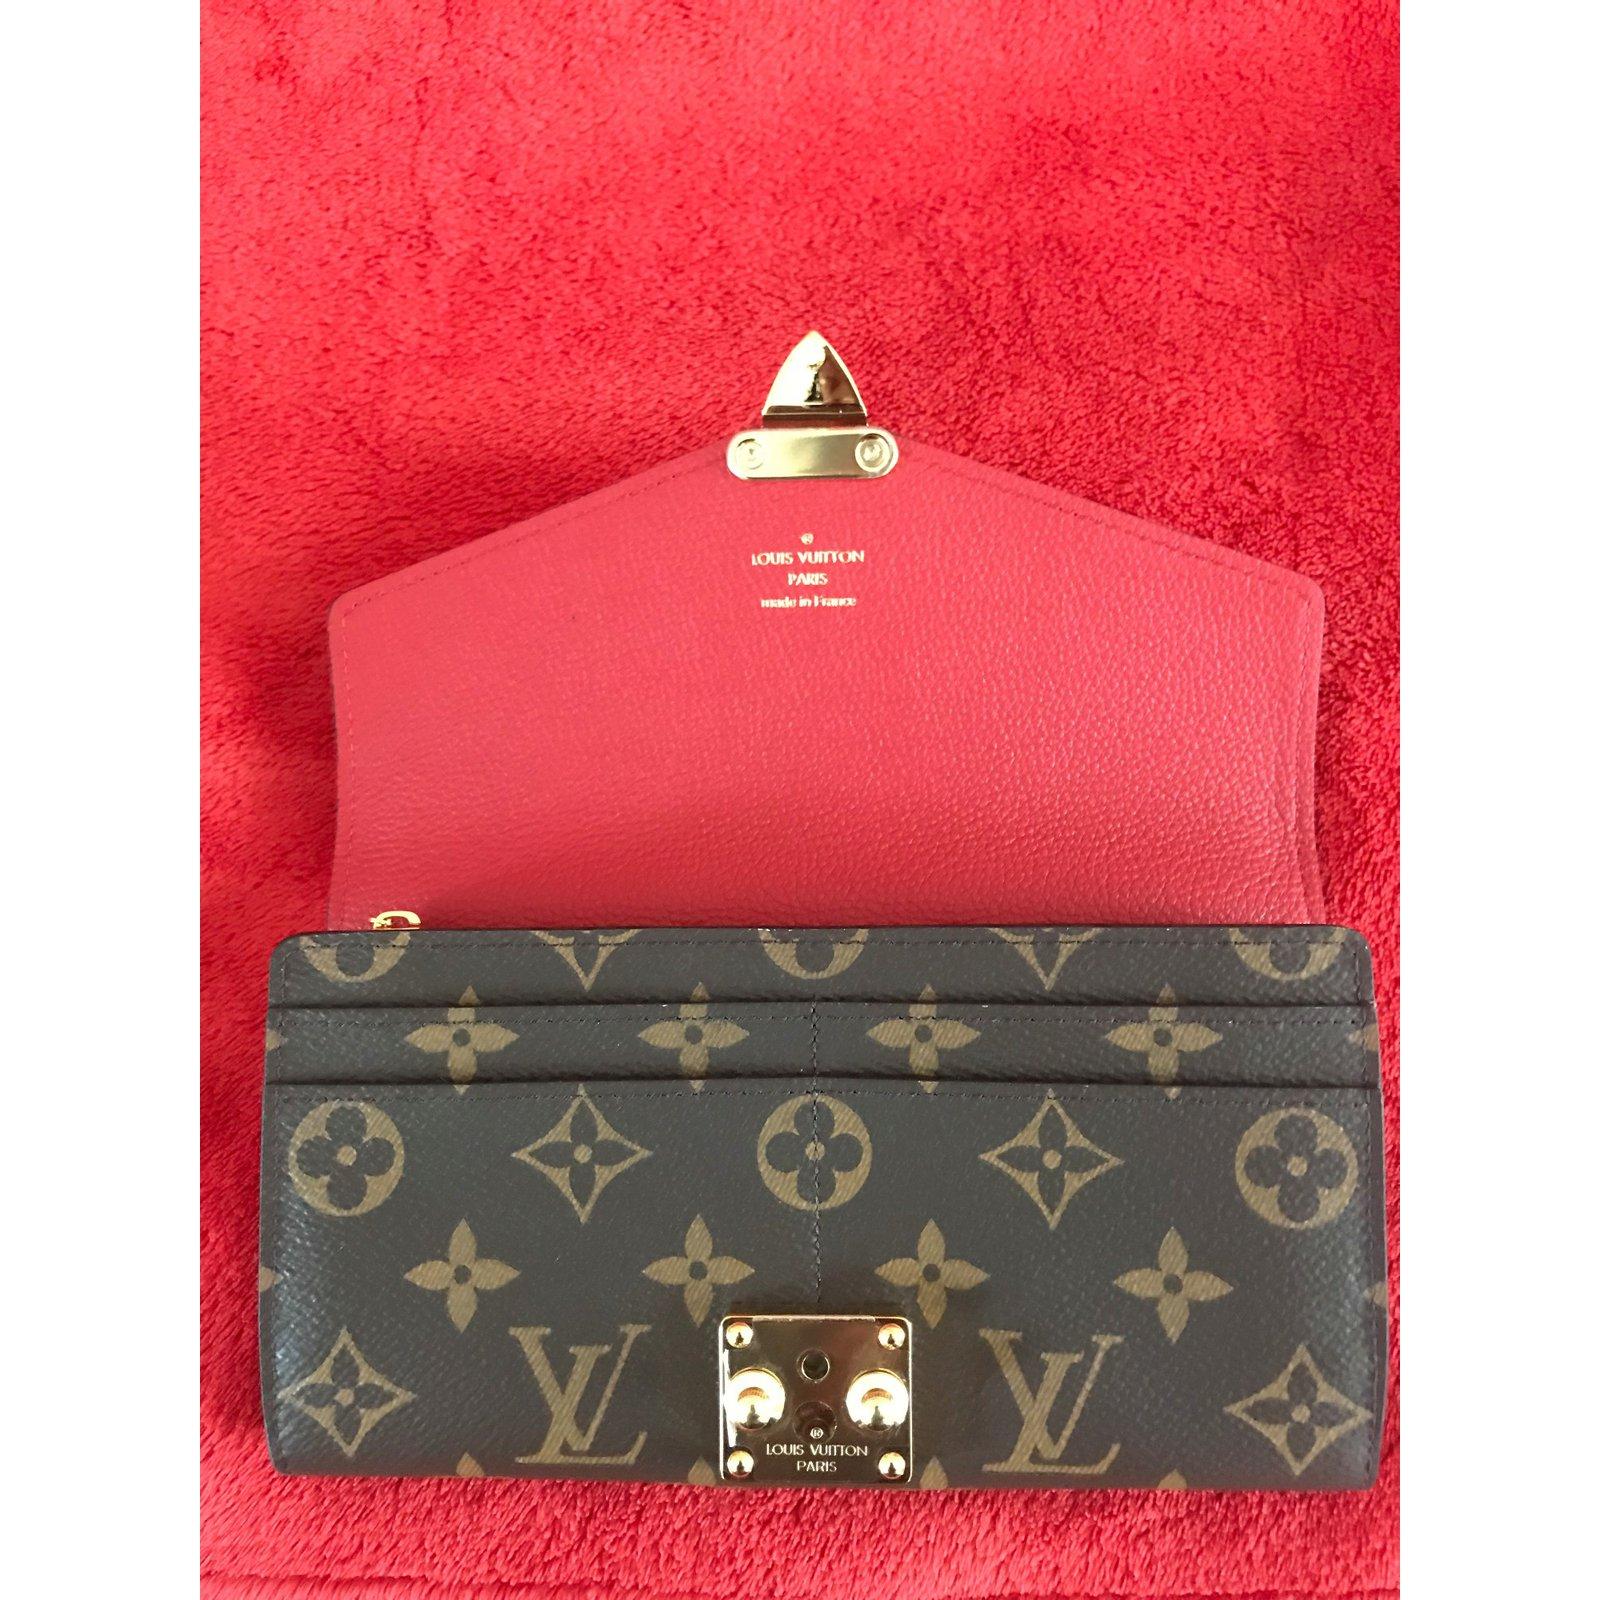 Louis Vuitton Monogram Pallas Long Wallet M58414 Cherry Purses 7055bfcf80acc